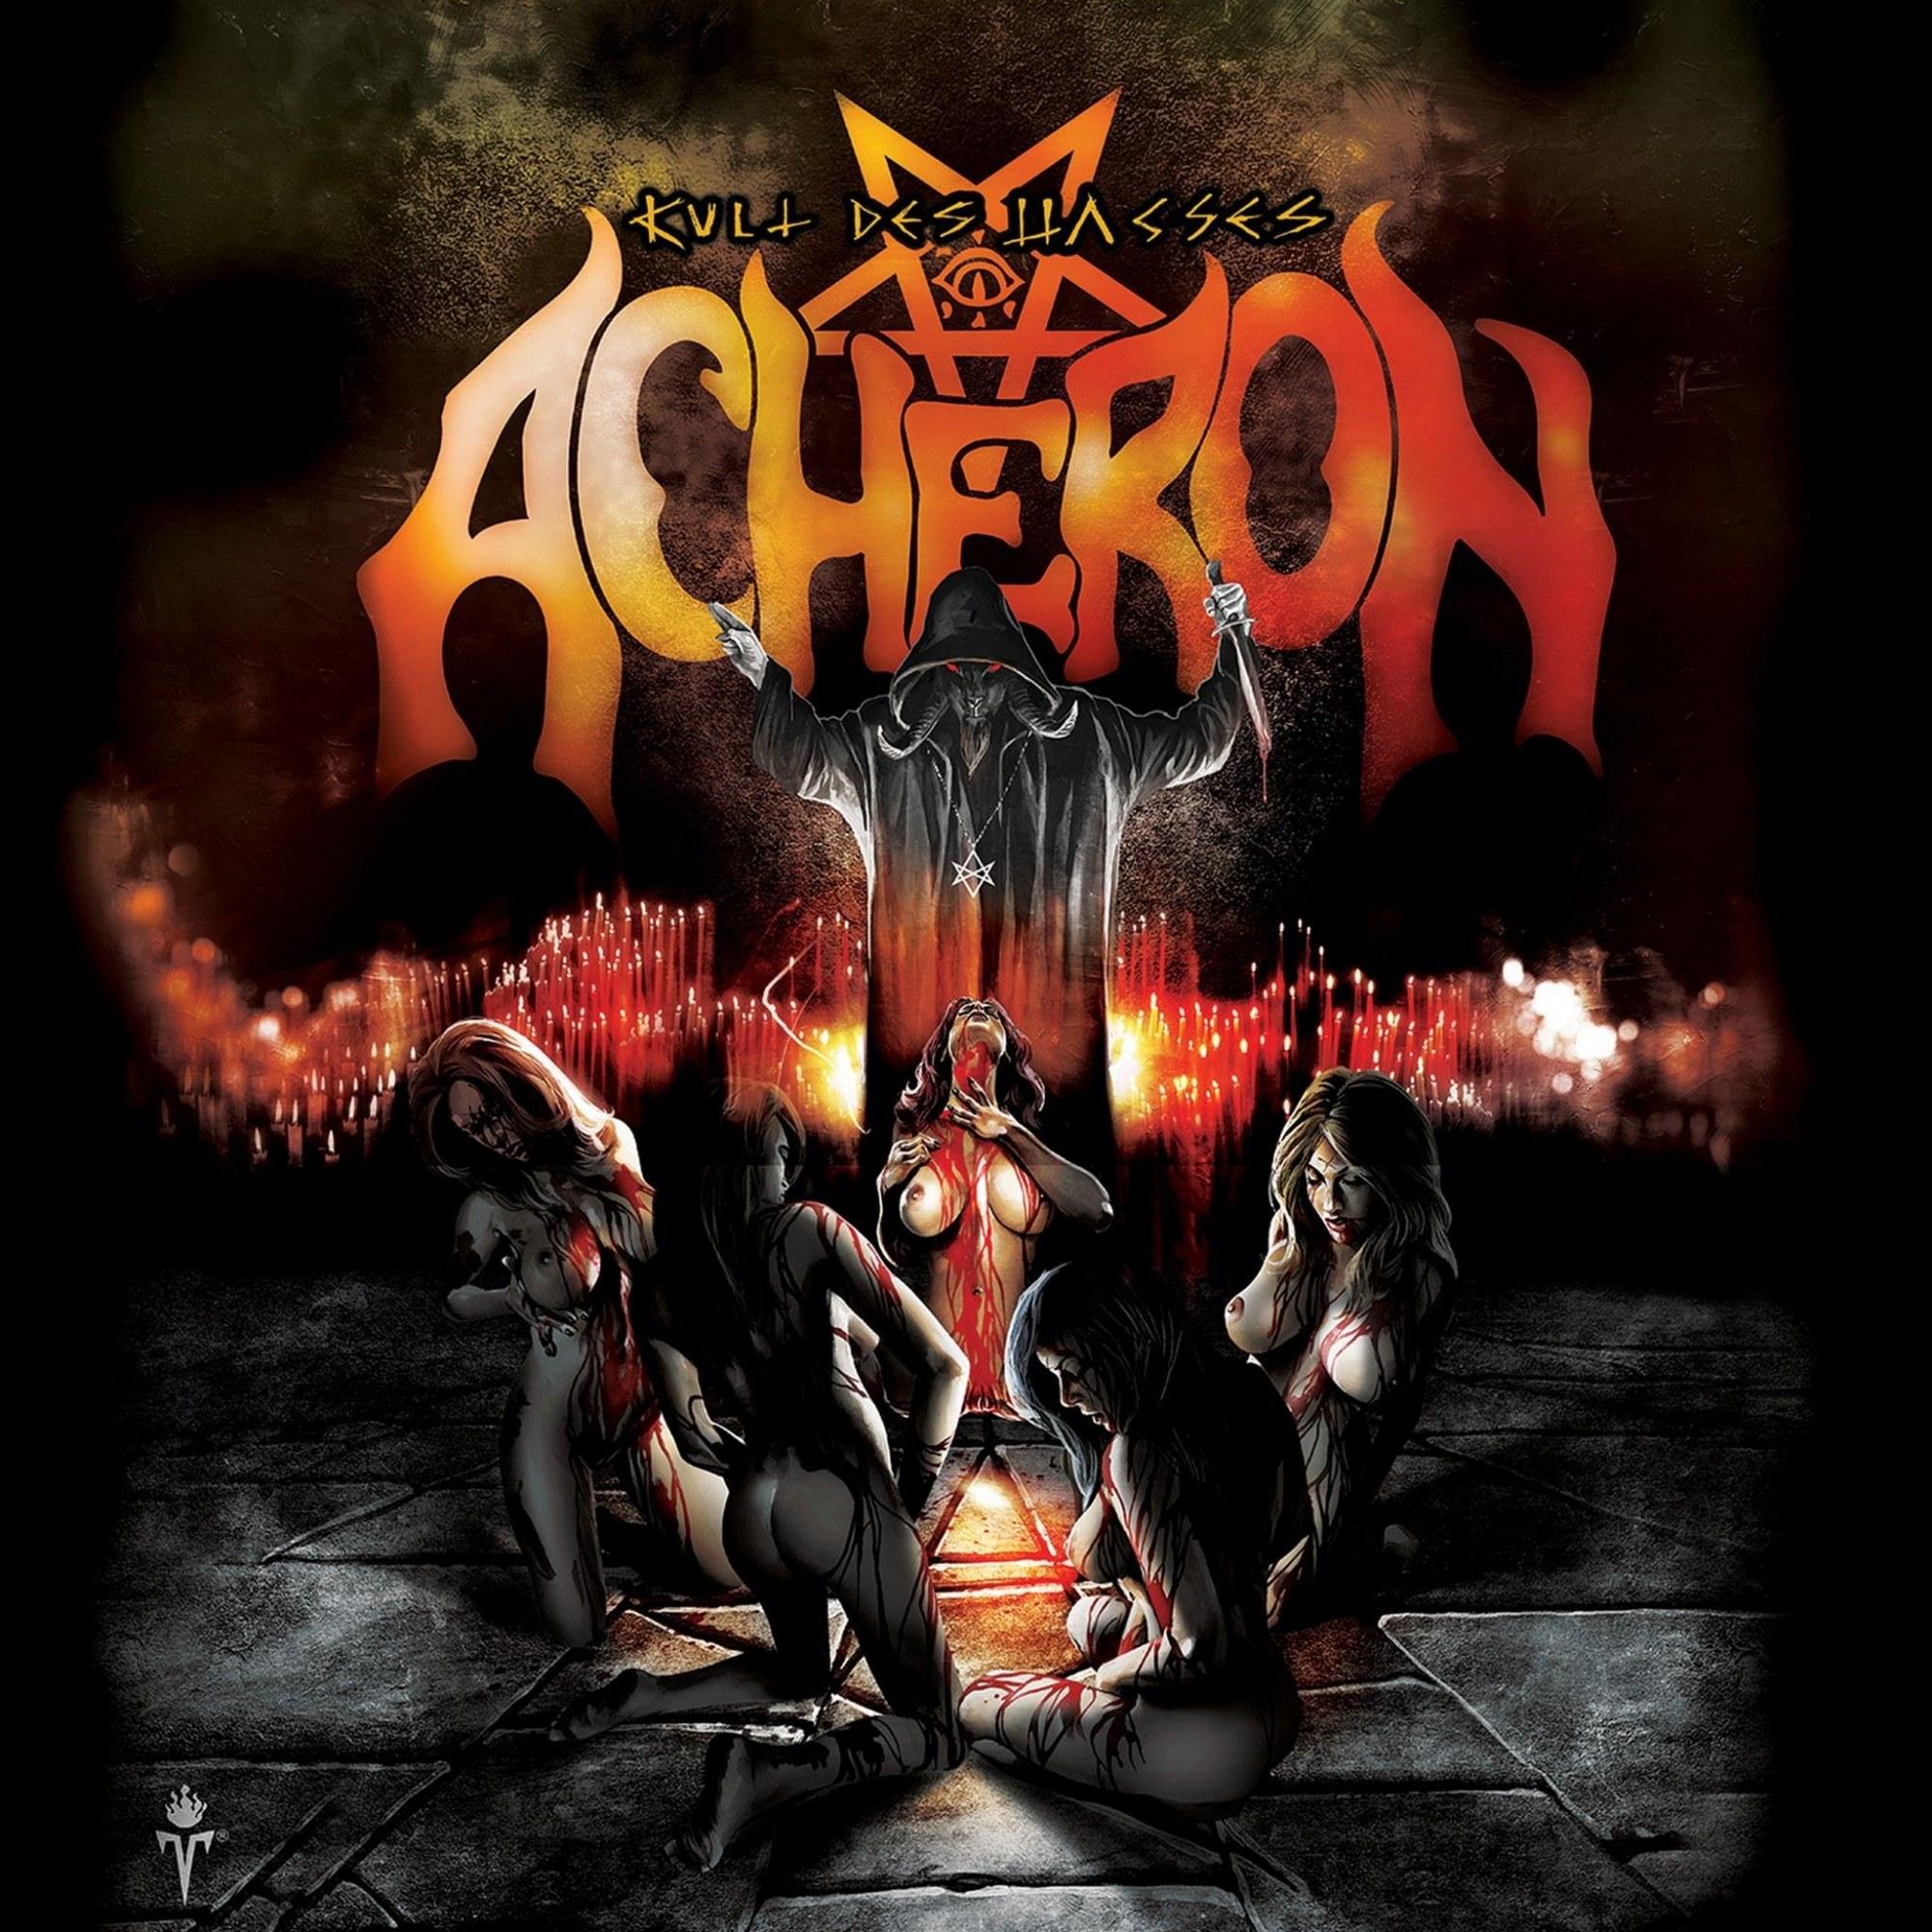 Reviews for Acheron - Kult des Hasses